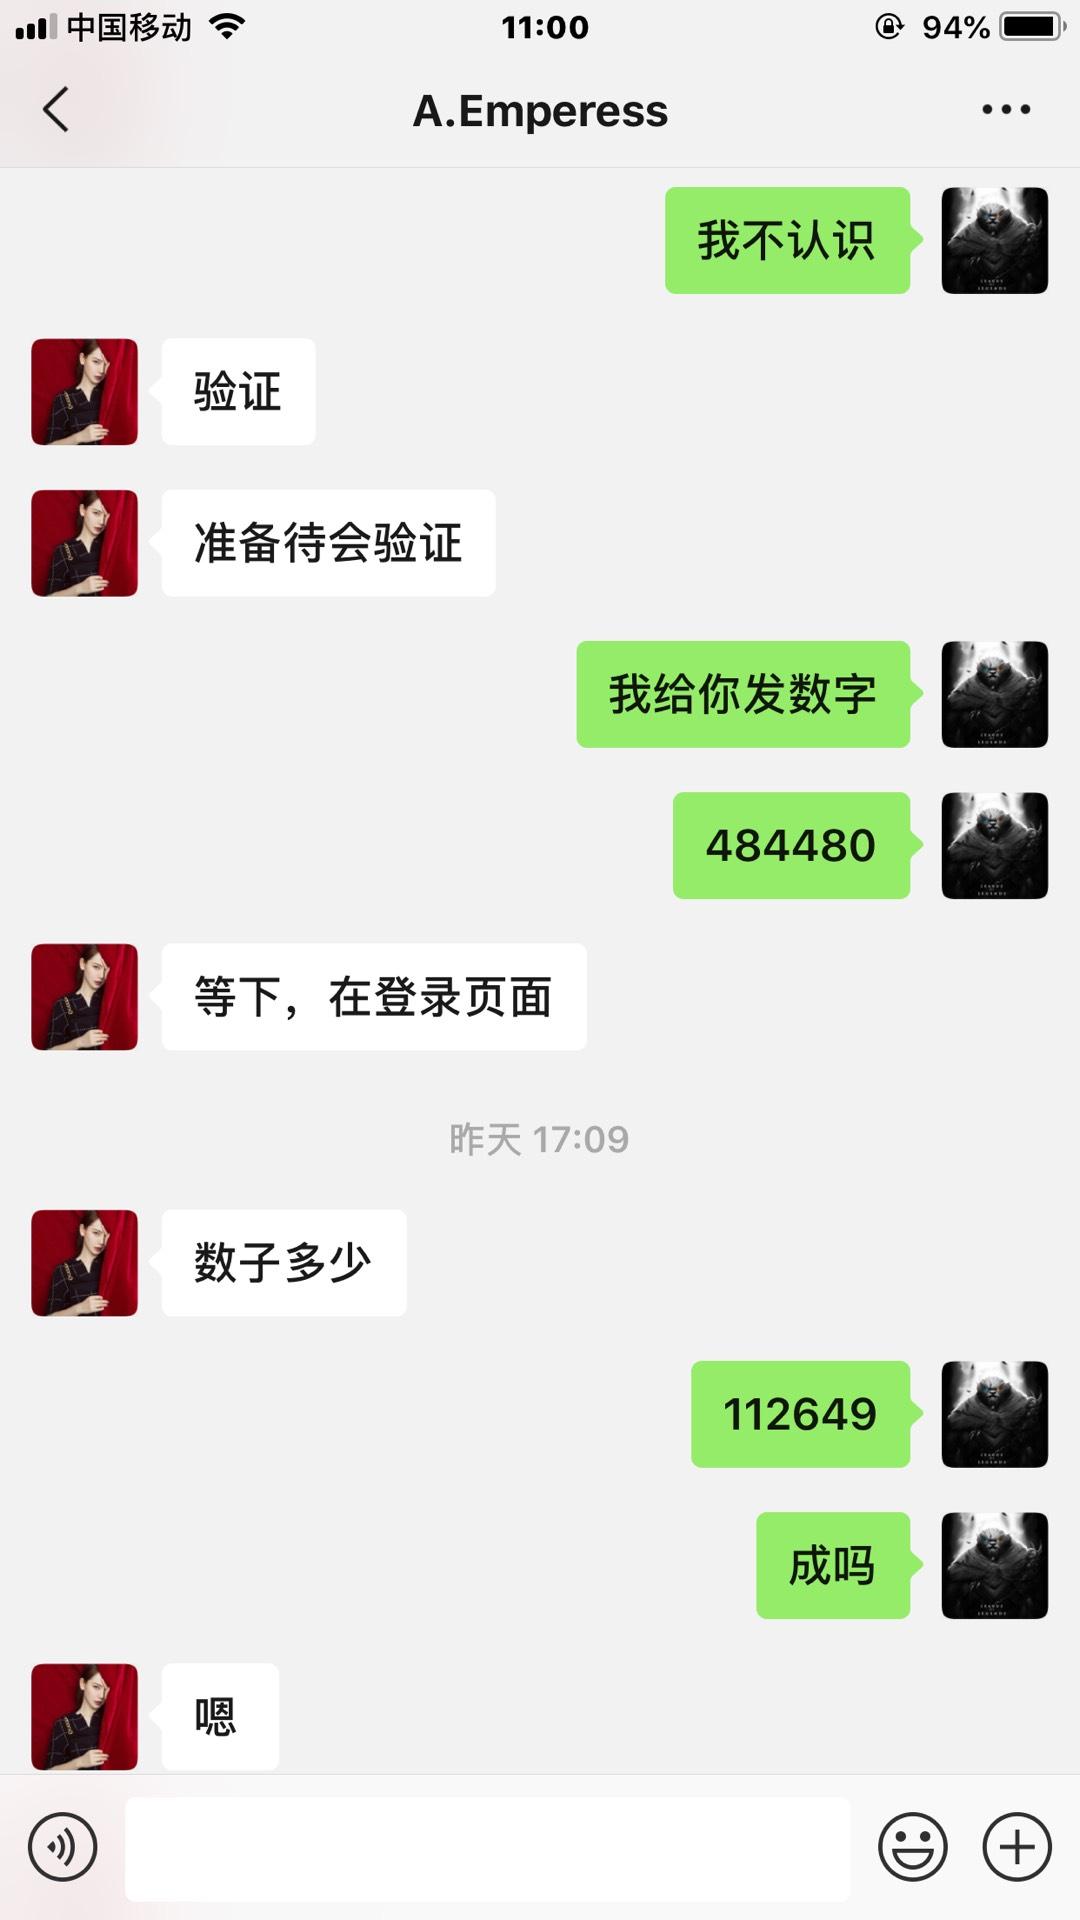 1c60fc3e-ccf9-4047-aab4-6c22e7f8321e.jpg